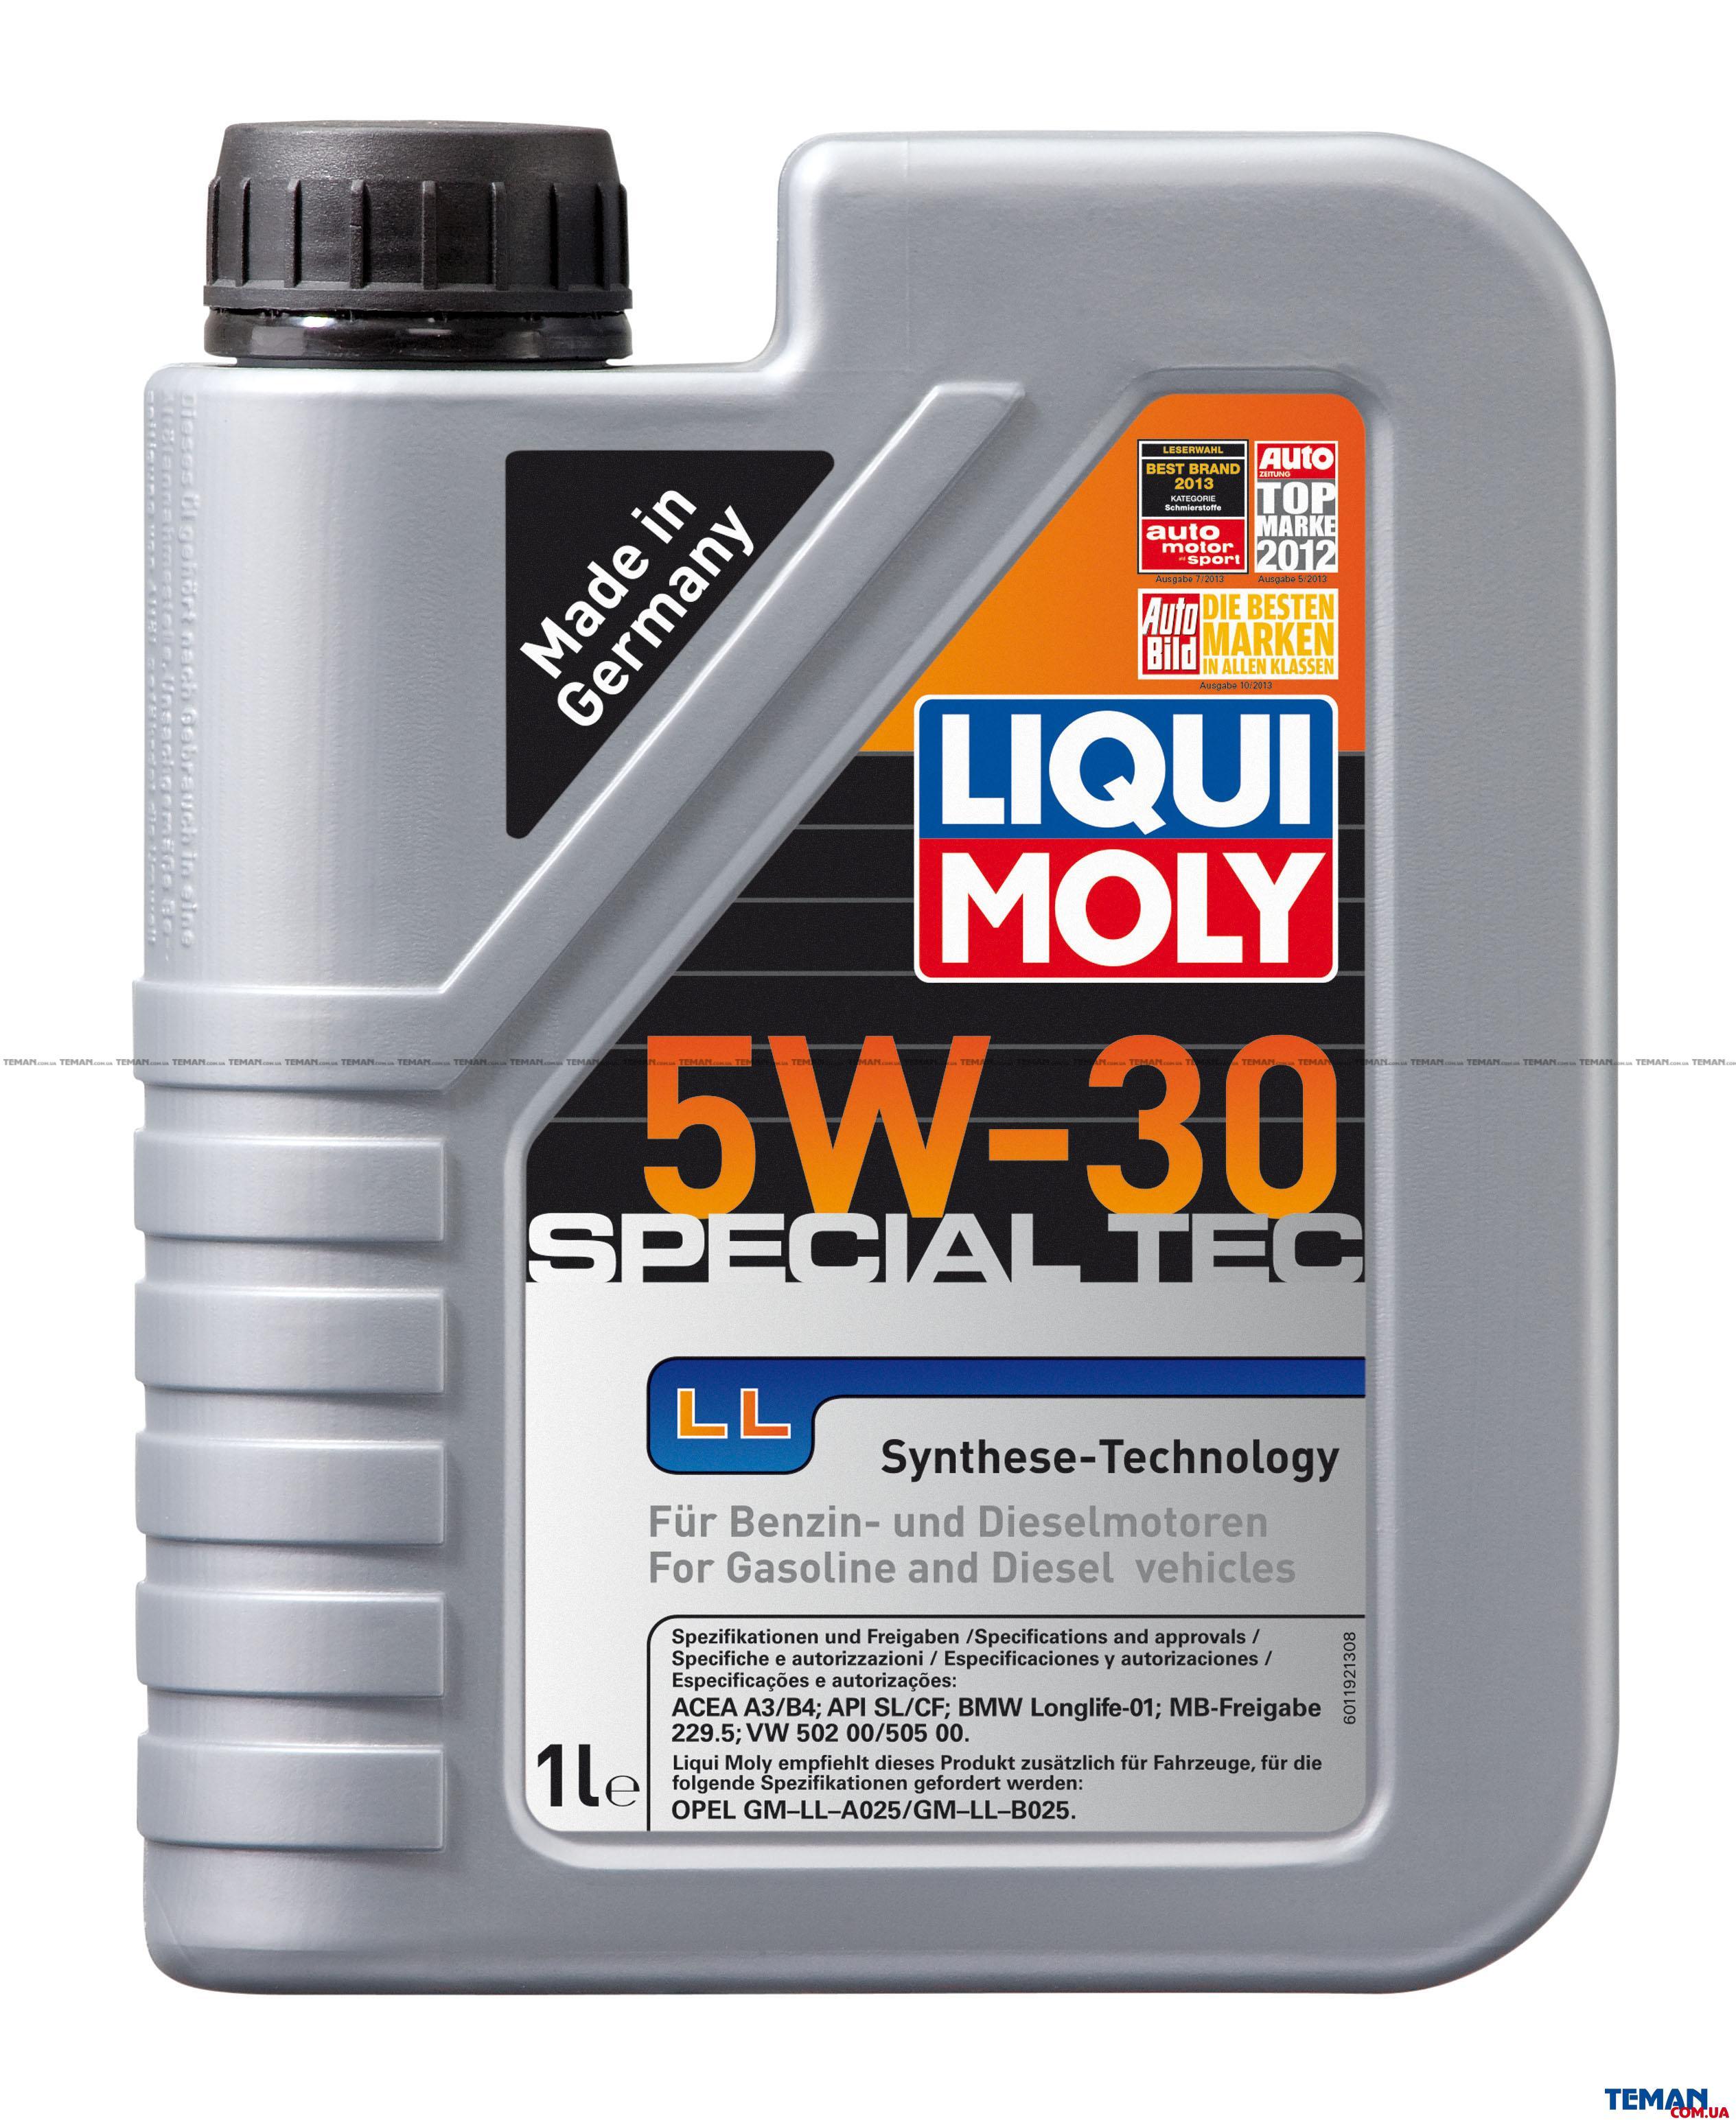 НС-синтетическое моторное масло Special Tec LL 5W-30